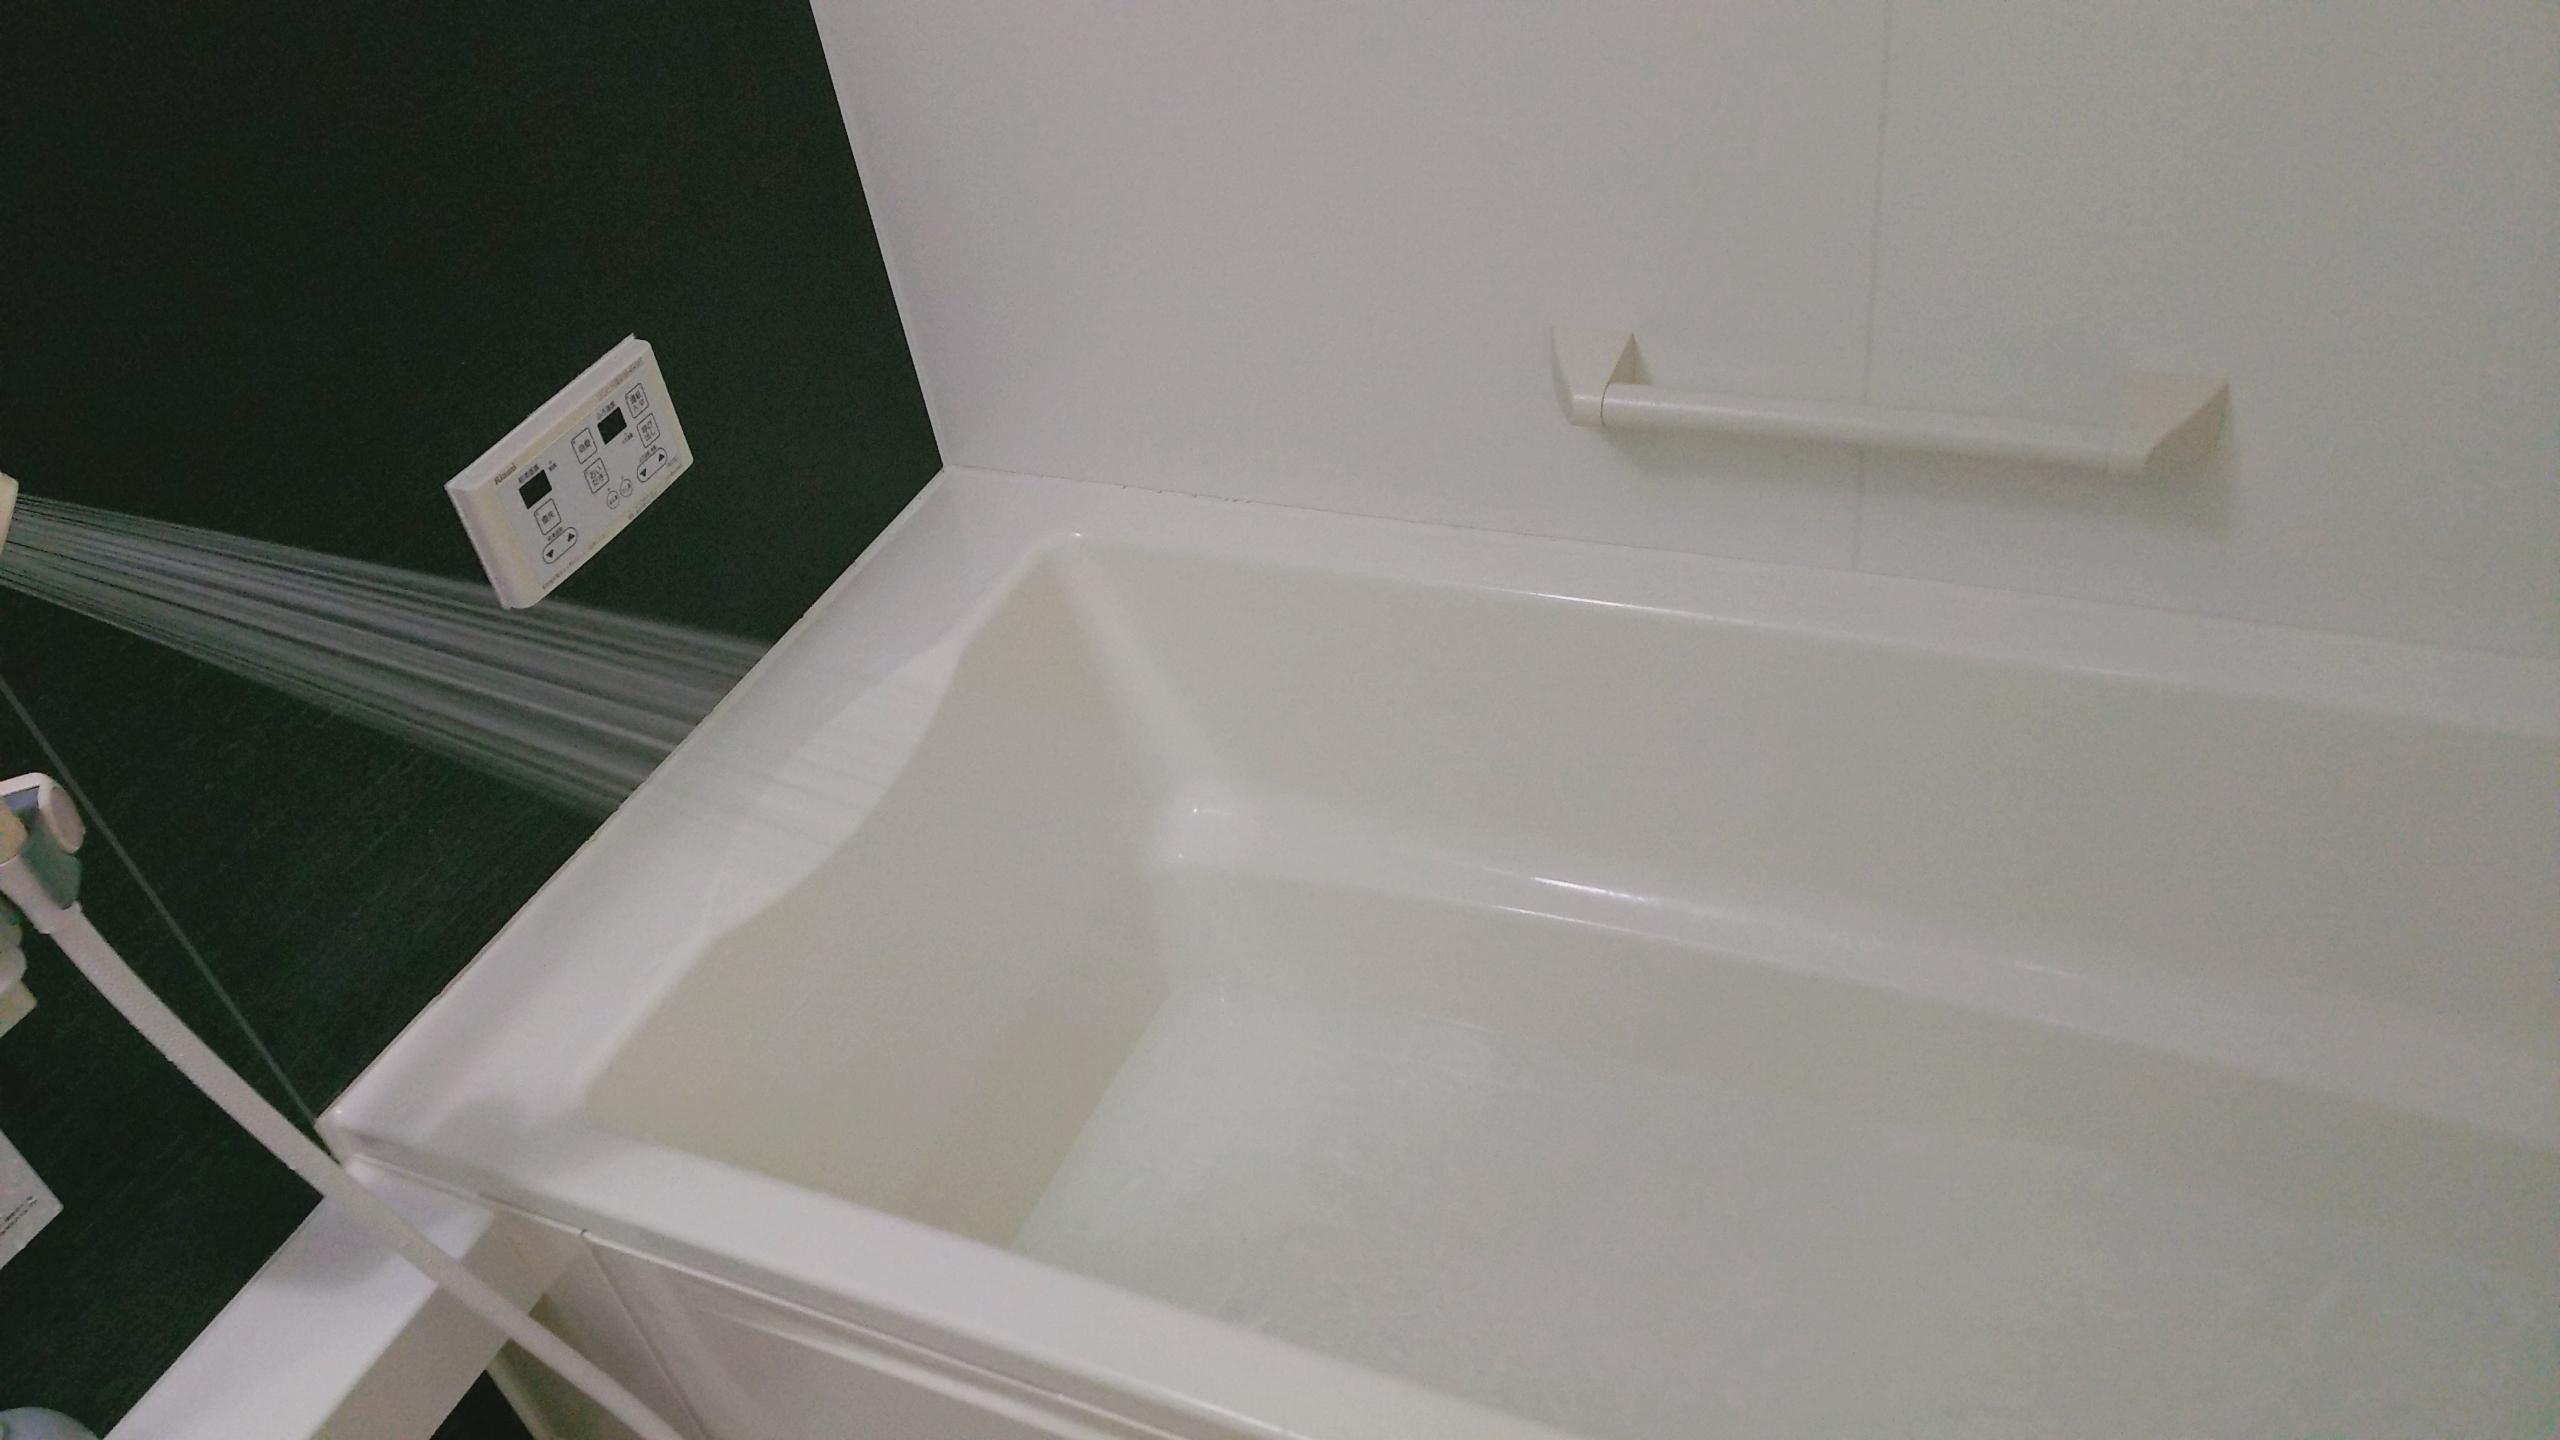 クリーン 風呂 釜 掃除 オキシ